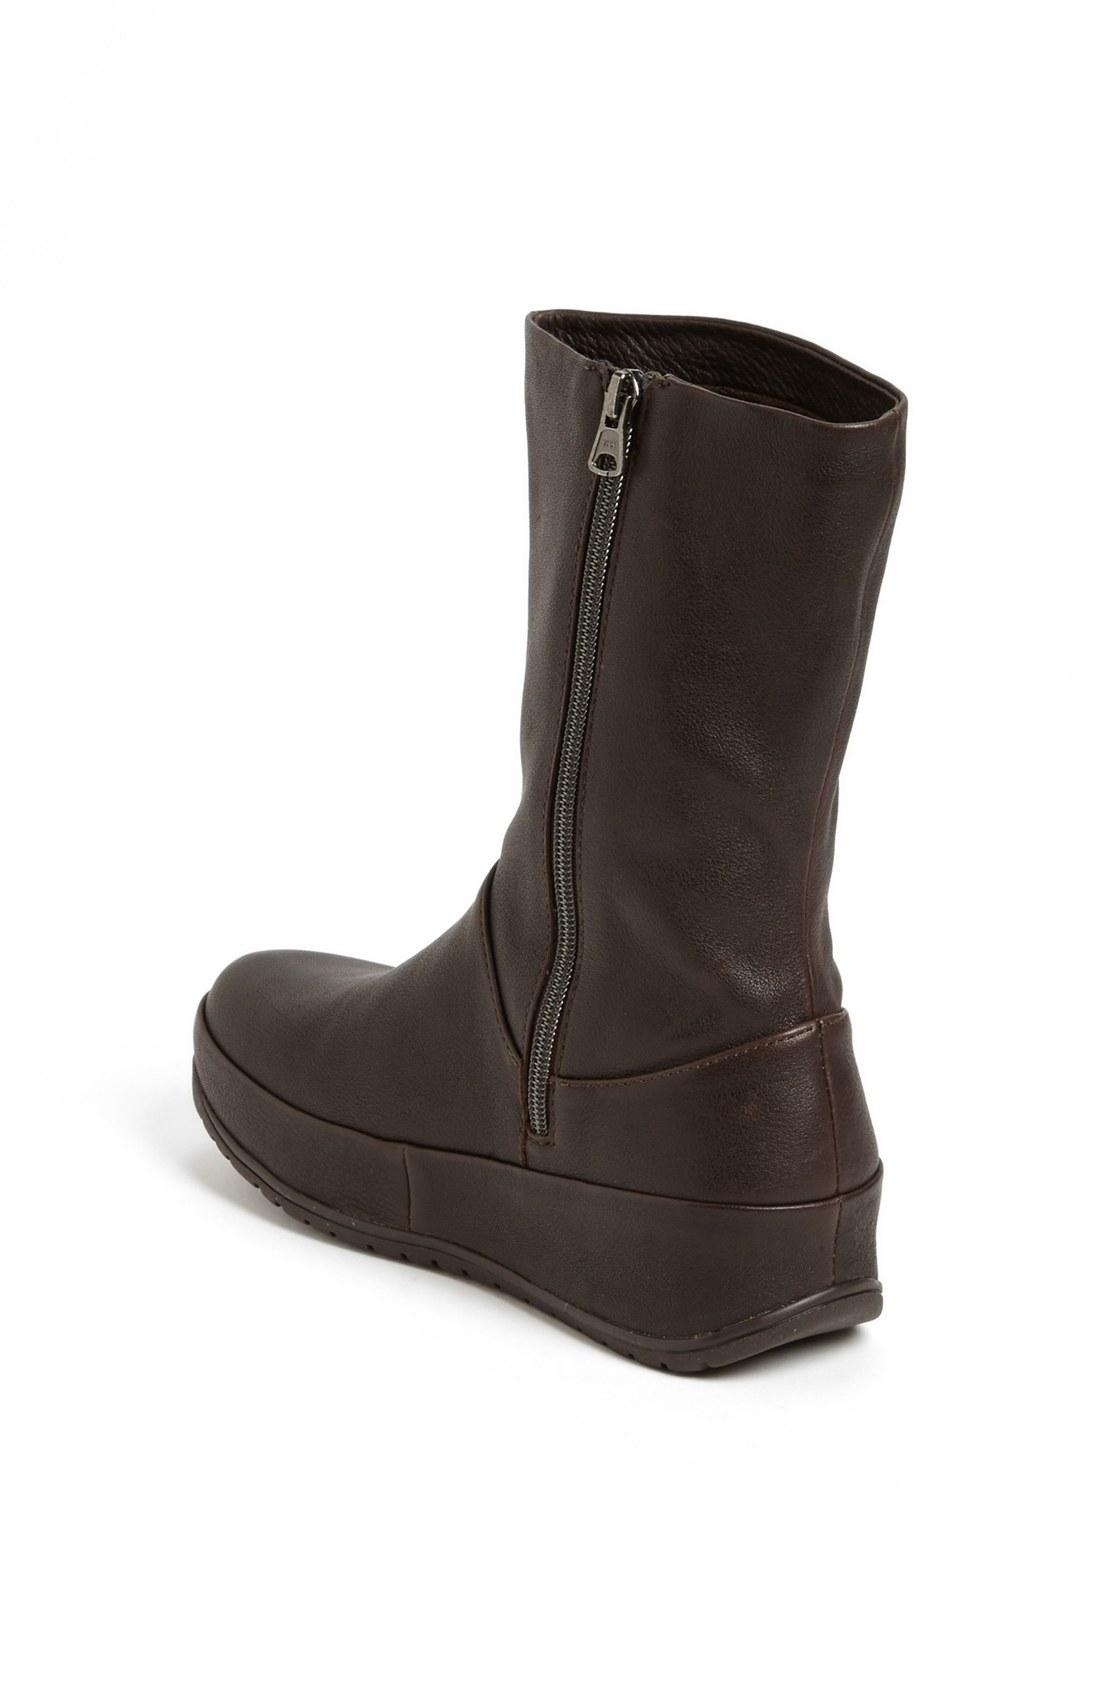 1b3acb6c7713c Fitflop Womens Joplin Boot